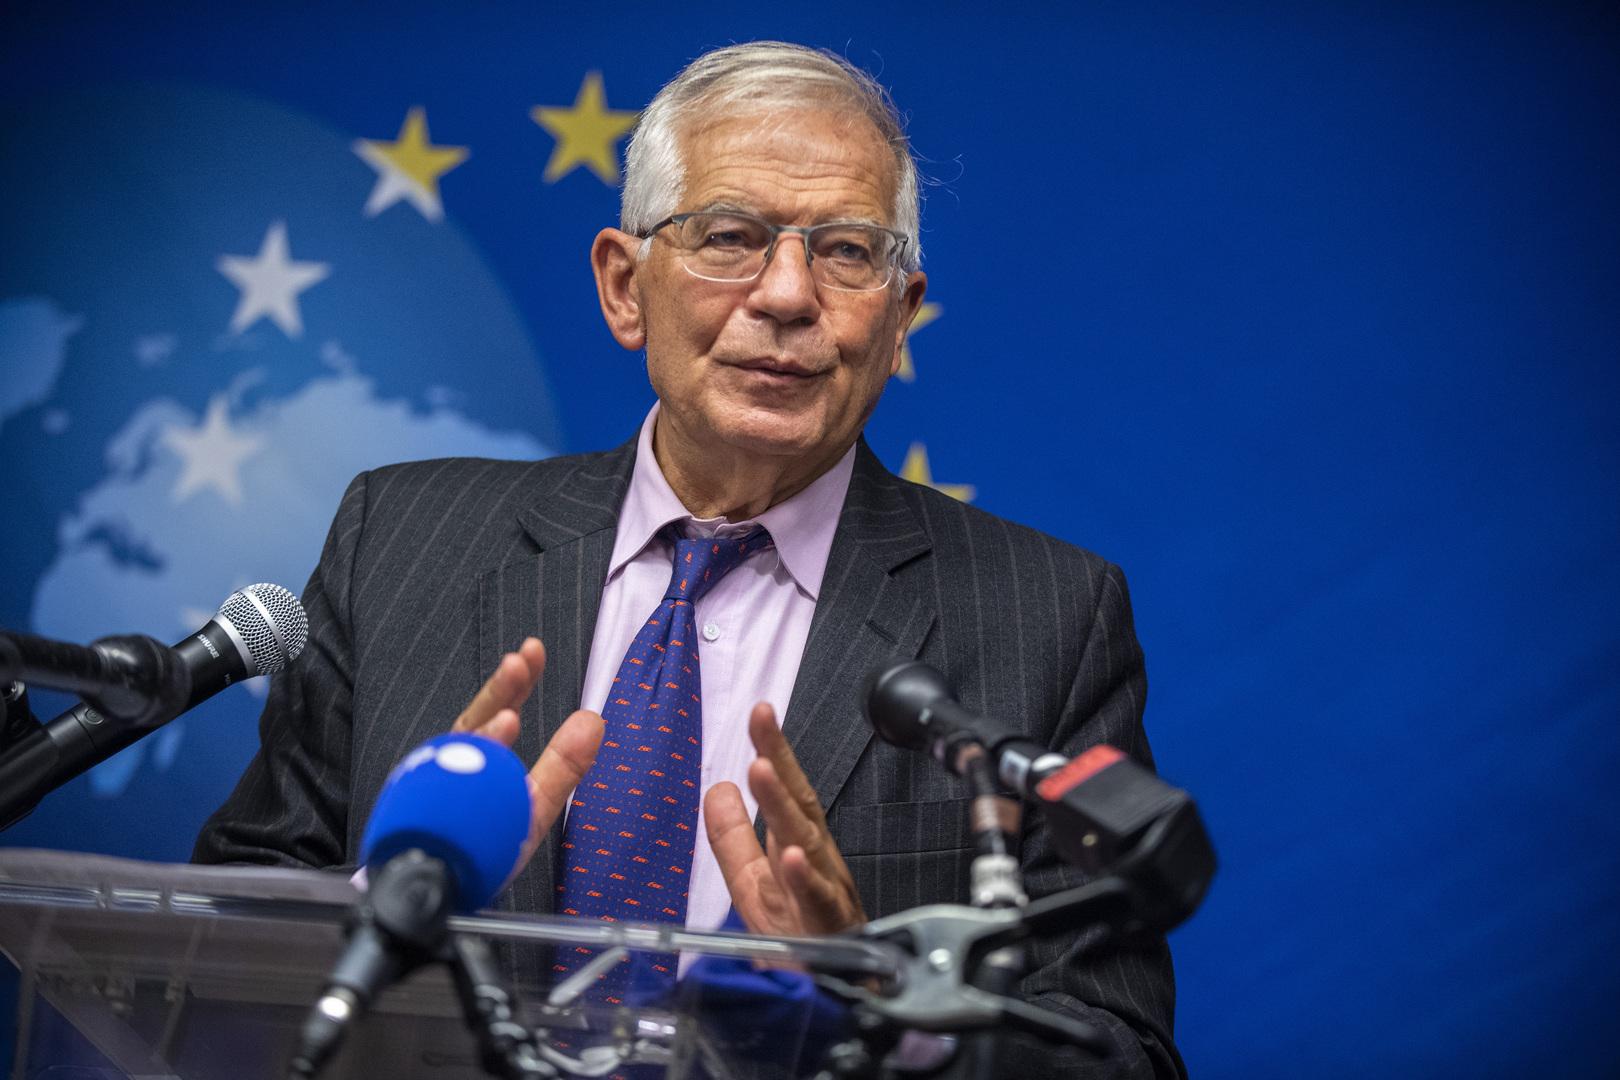 الاتحاد الأوروبي يحث كوسوفو وصربيا على خفض التصعيد ويحذر من استفزازات جديدة